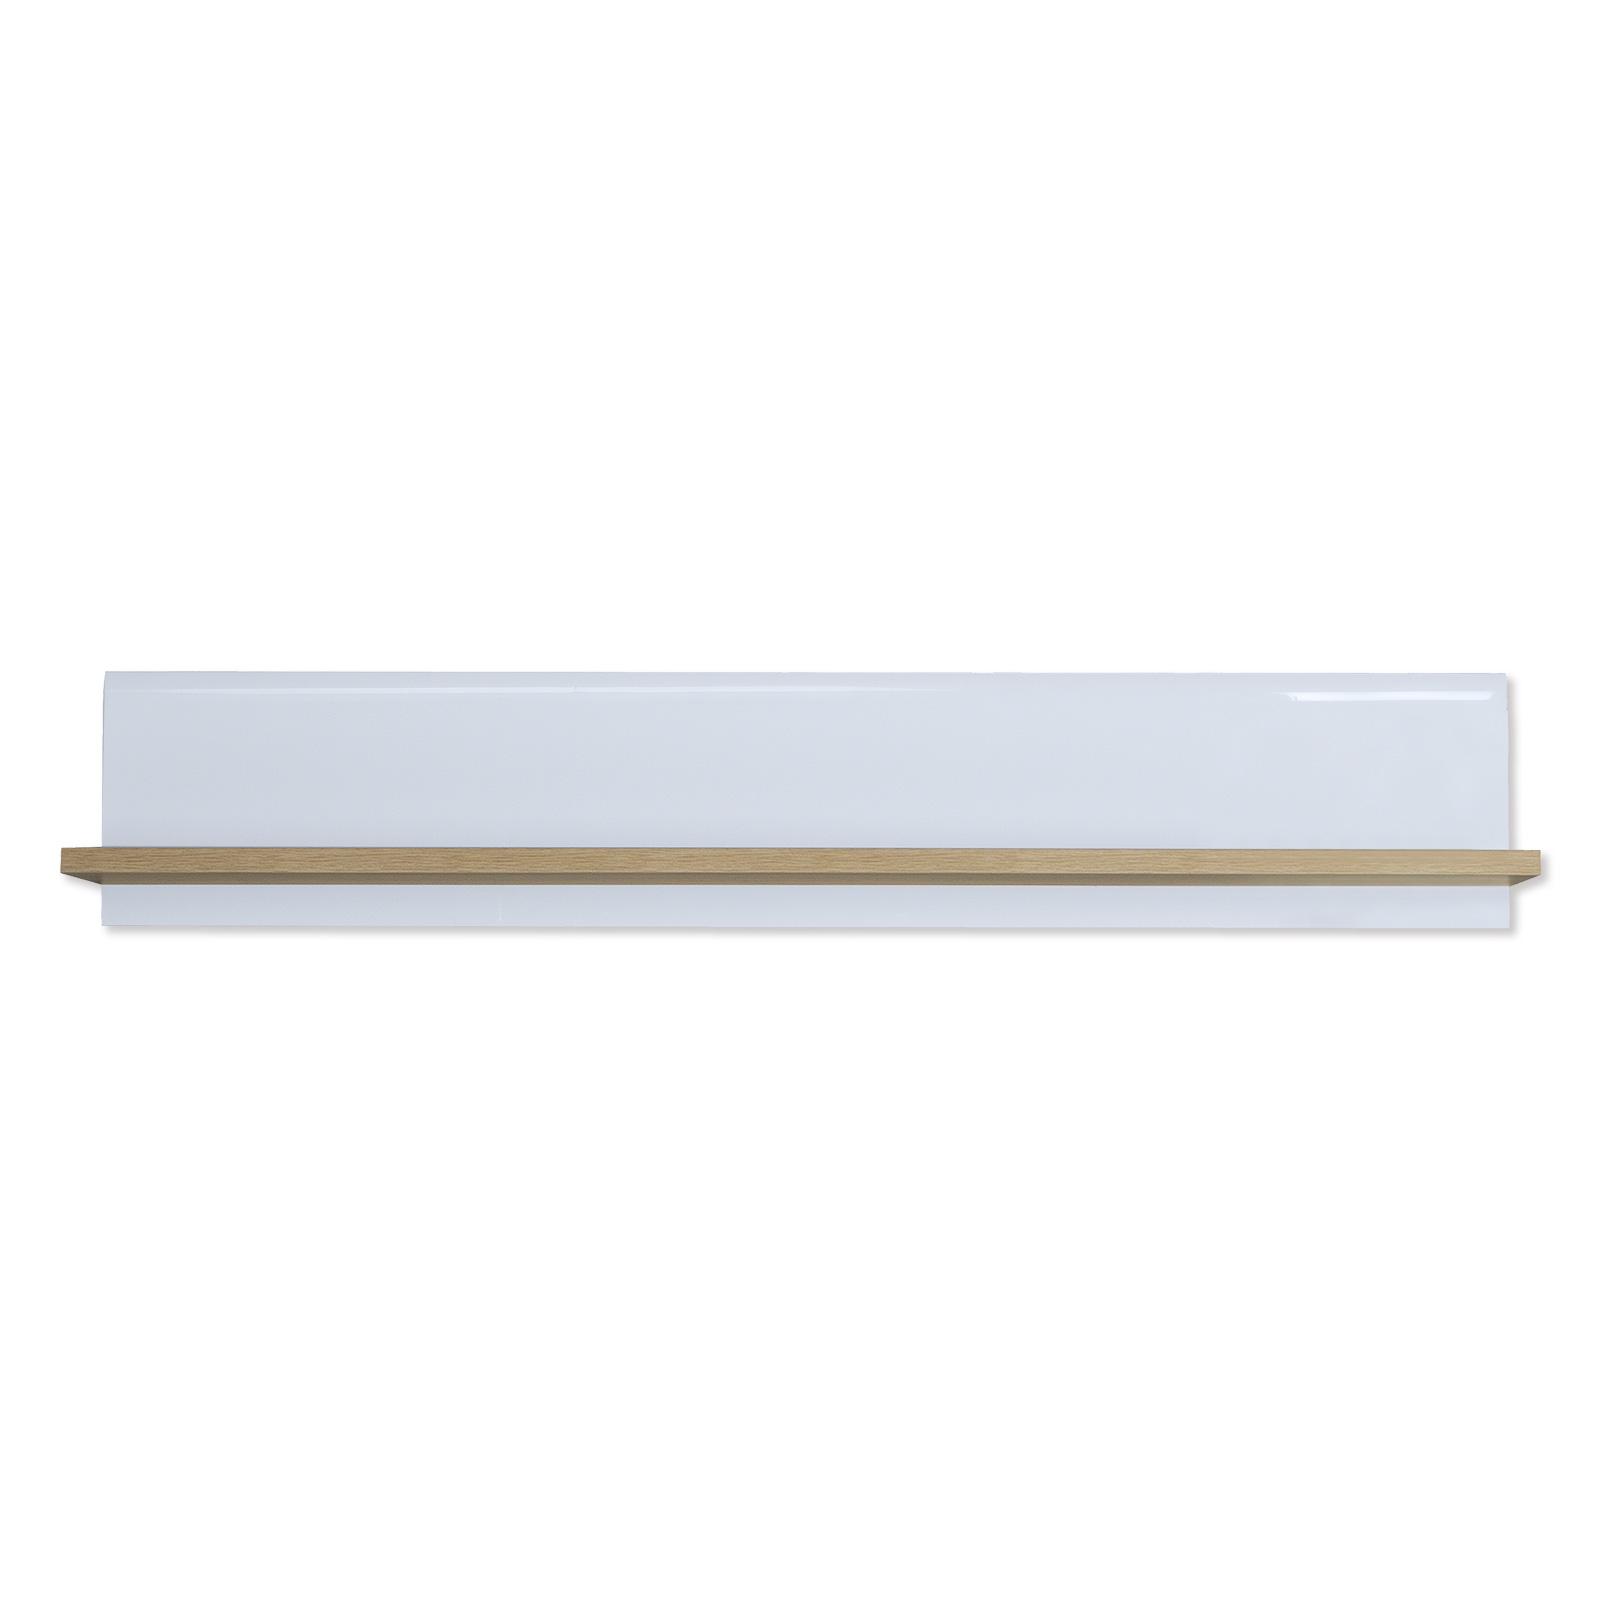 Wandboard - Sonoma Eiche-weiß Hochglanz - 144 cm breit